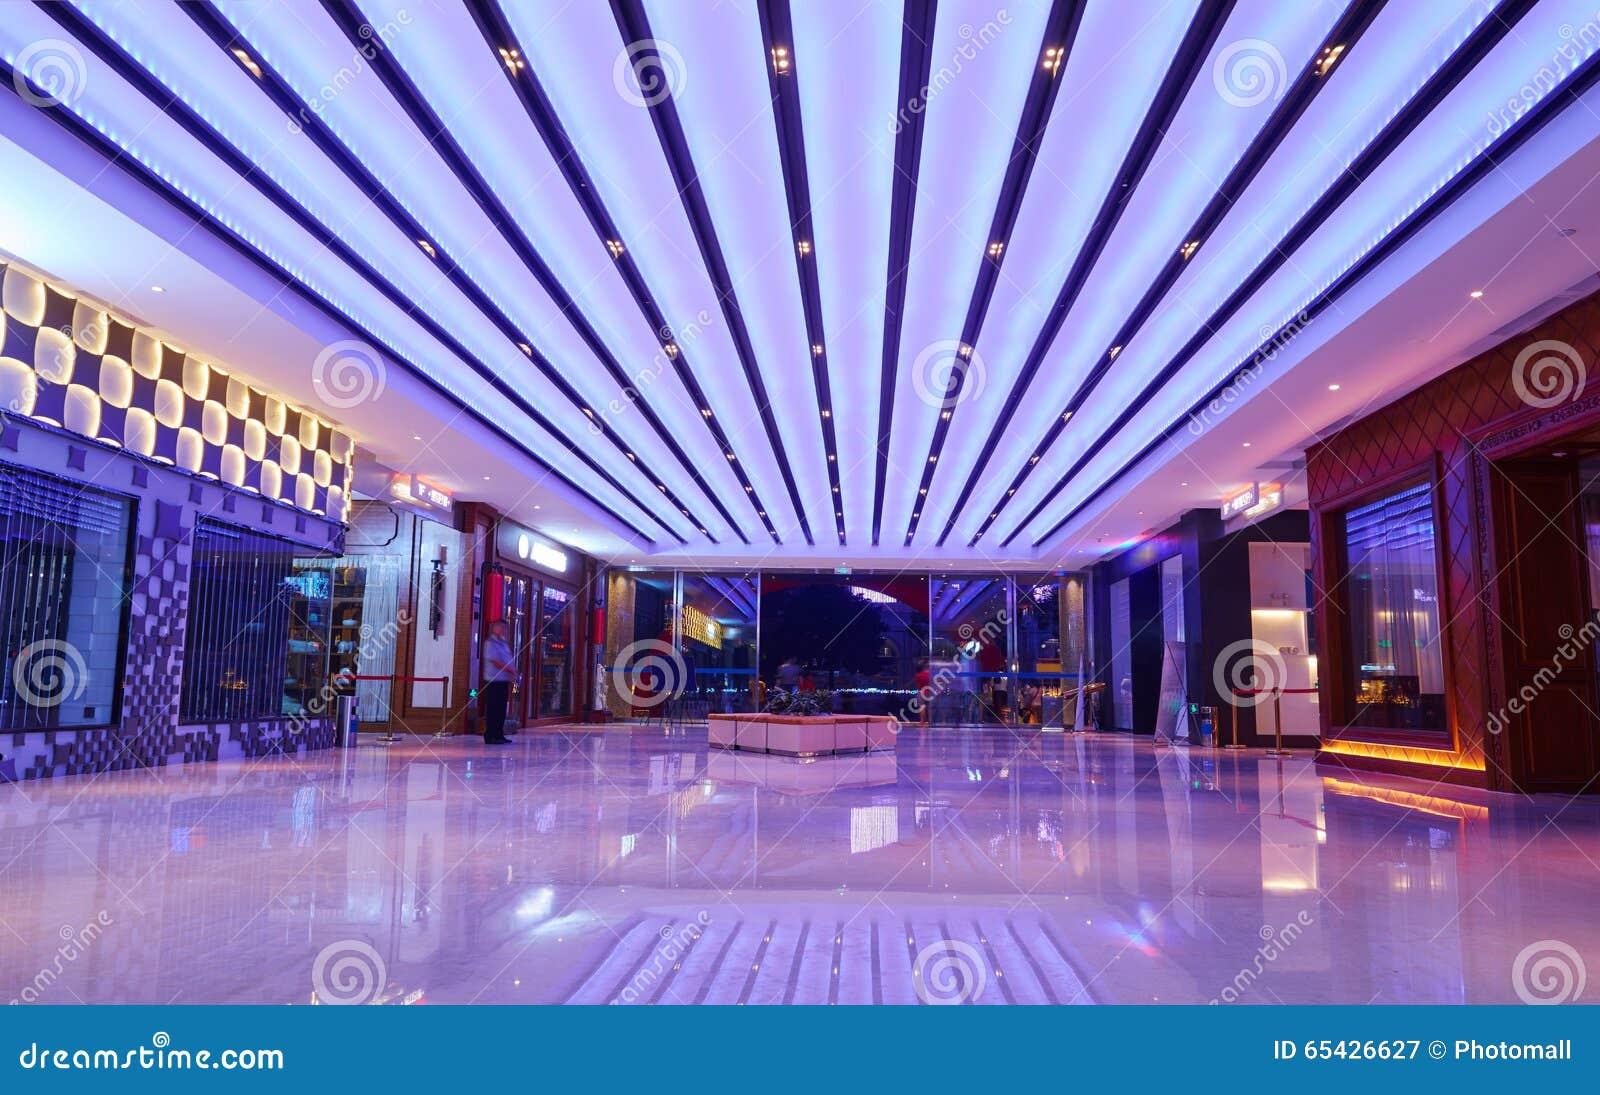 Illuminazione ufficio soffitto: illuminazione ufficio soffitto m ...